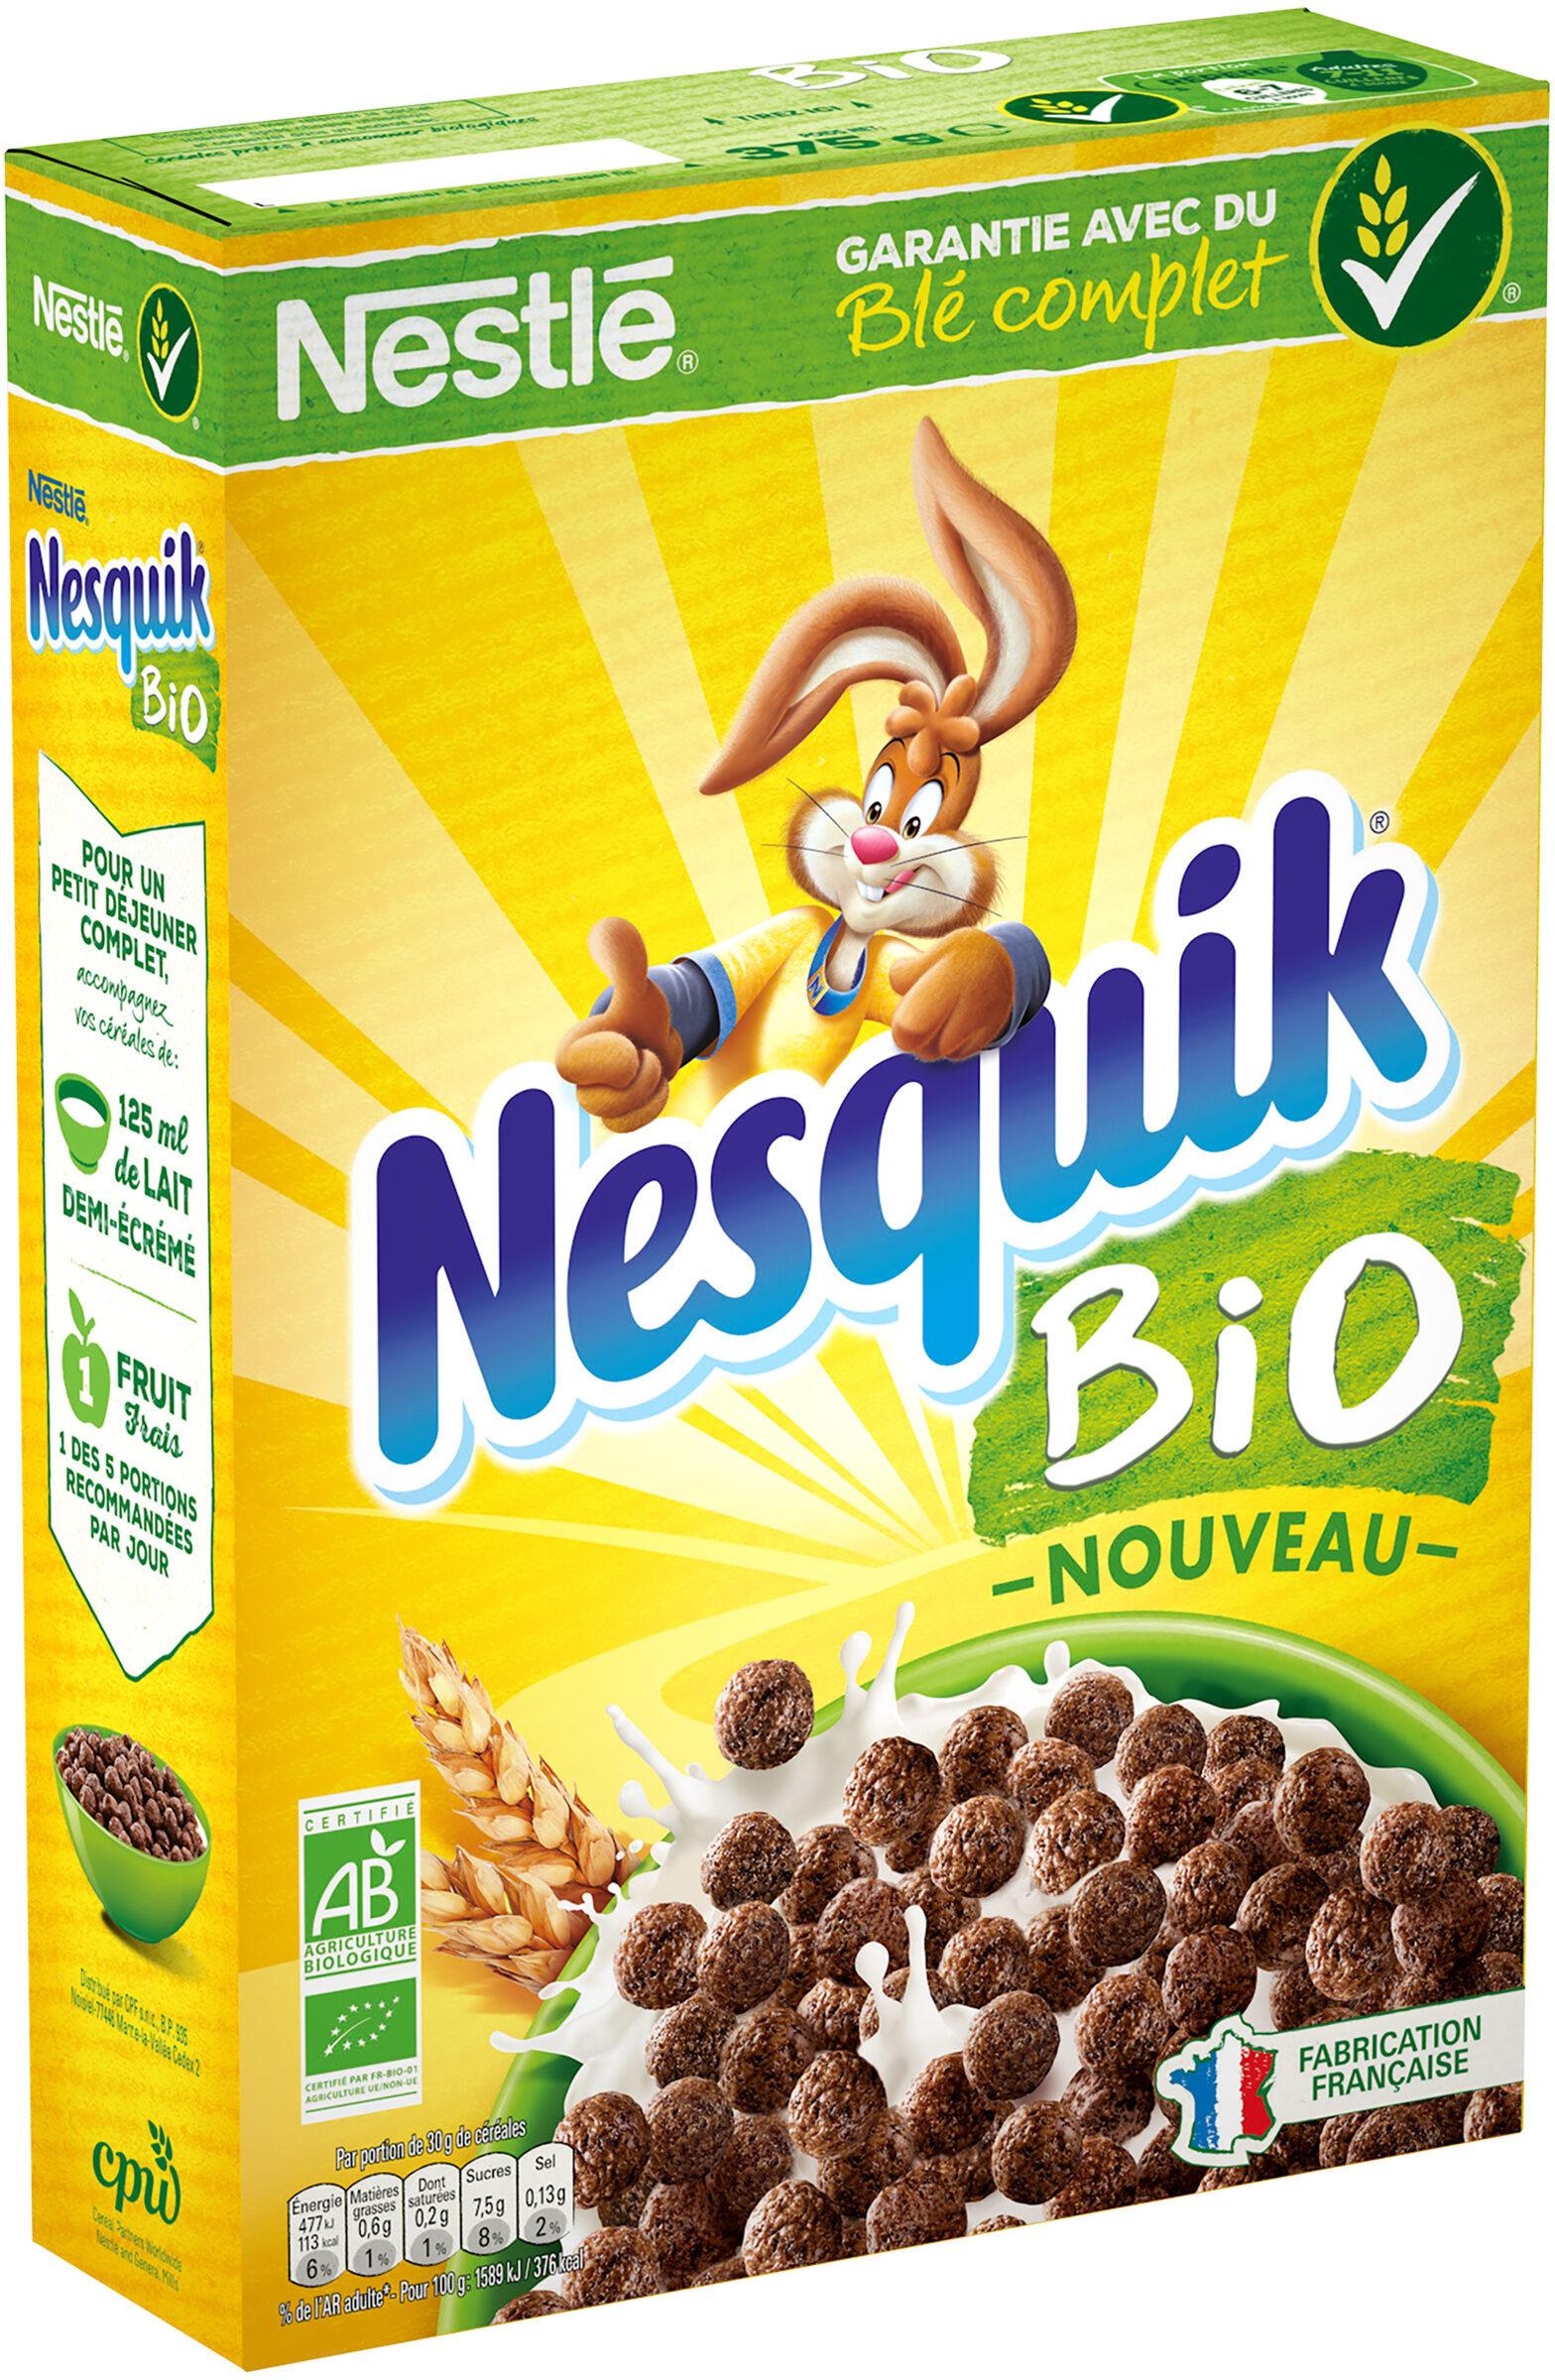 NESTLE NESQUIK BIO Céréales - Product - fr